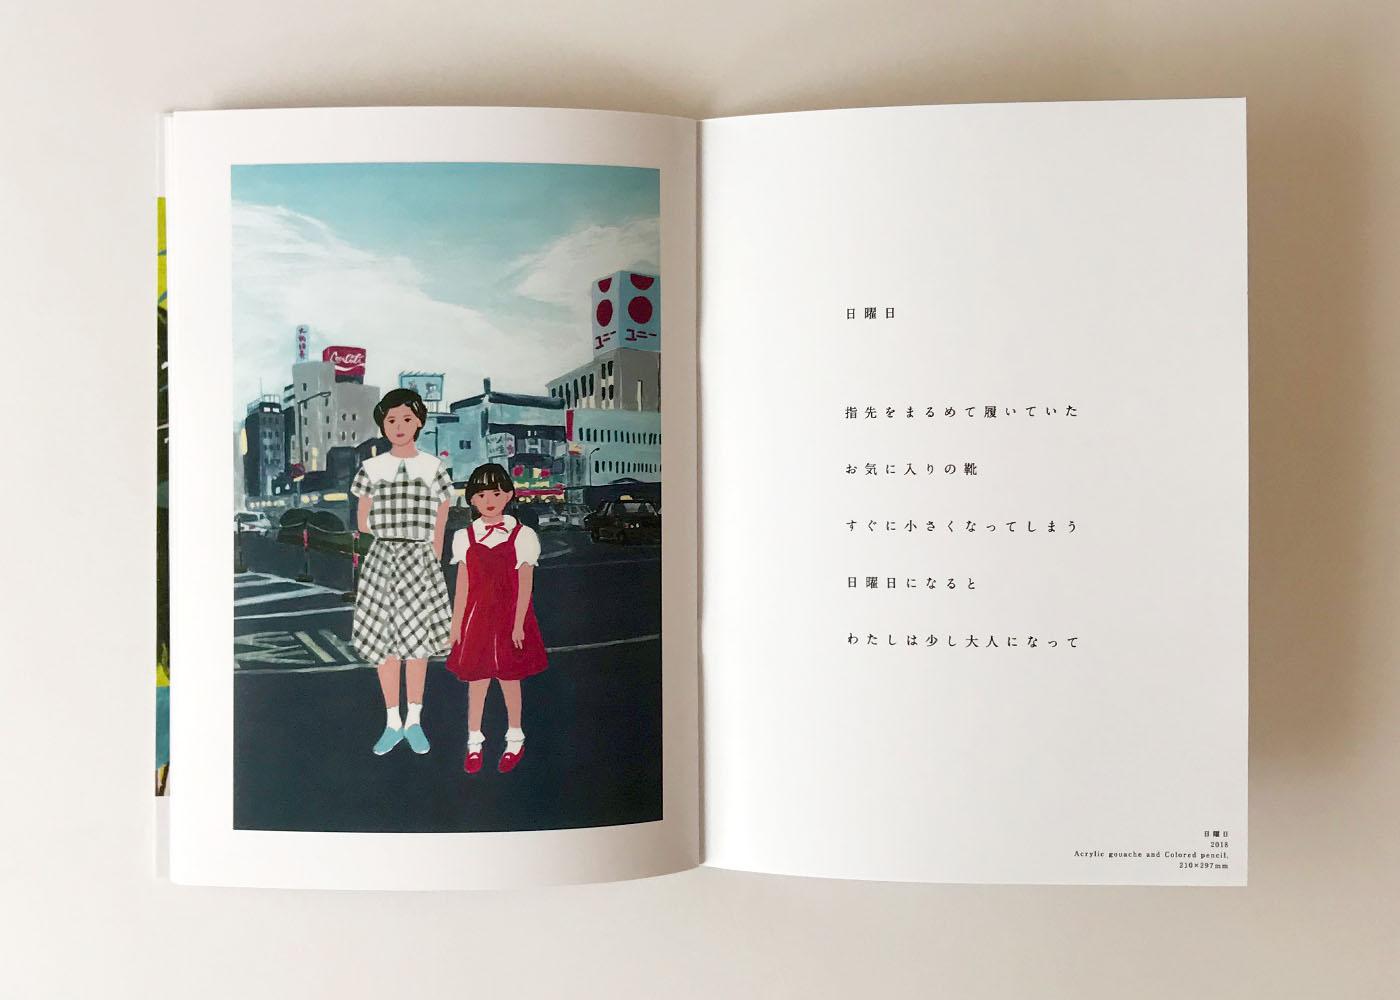 草野碧イラストレーション_個展『Nostalgic』ZINE